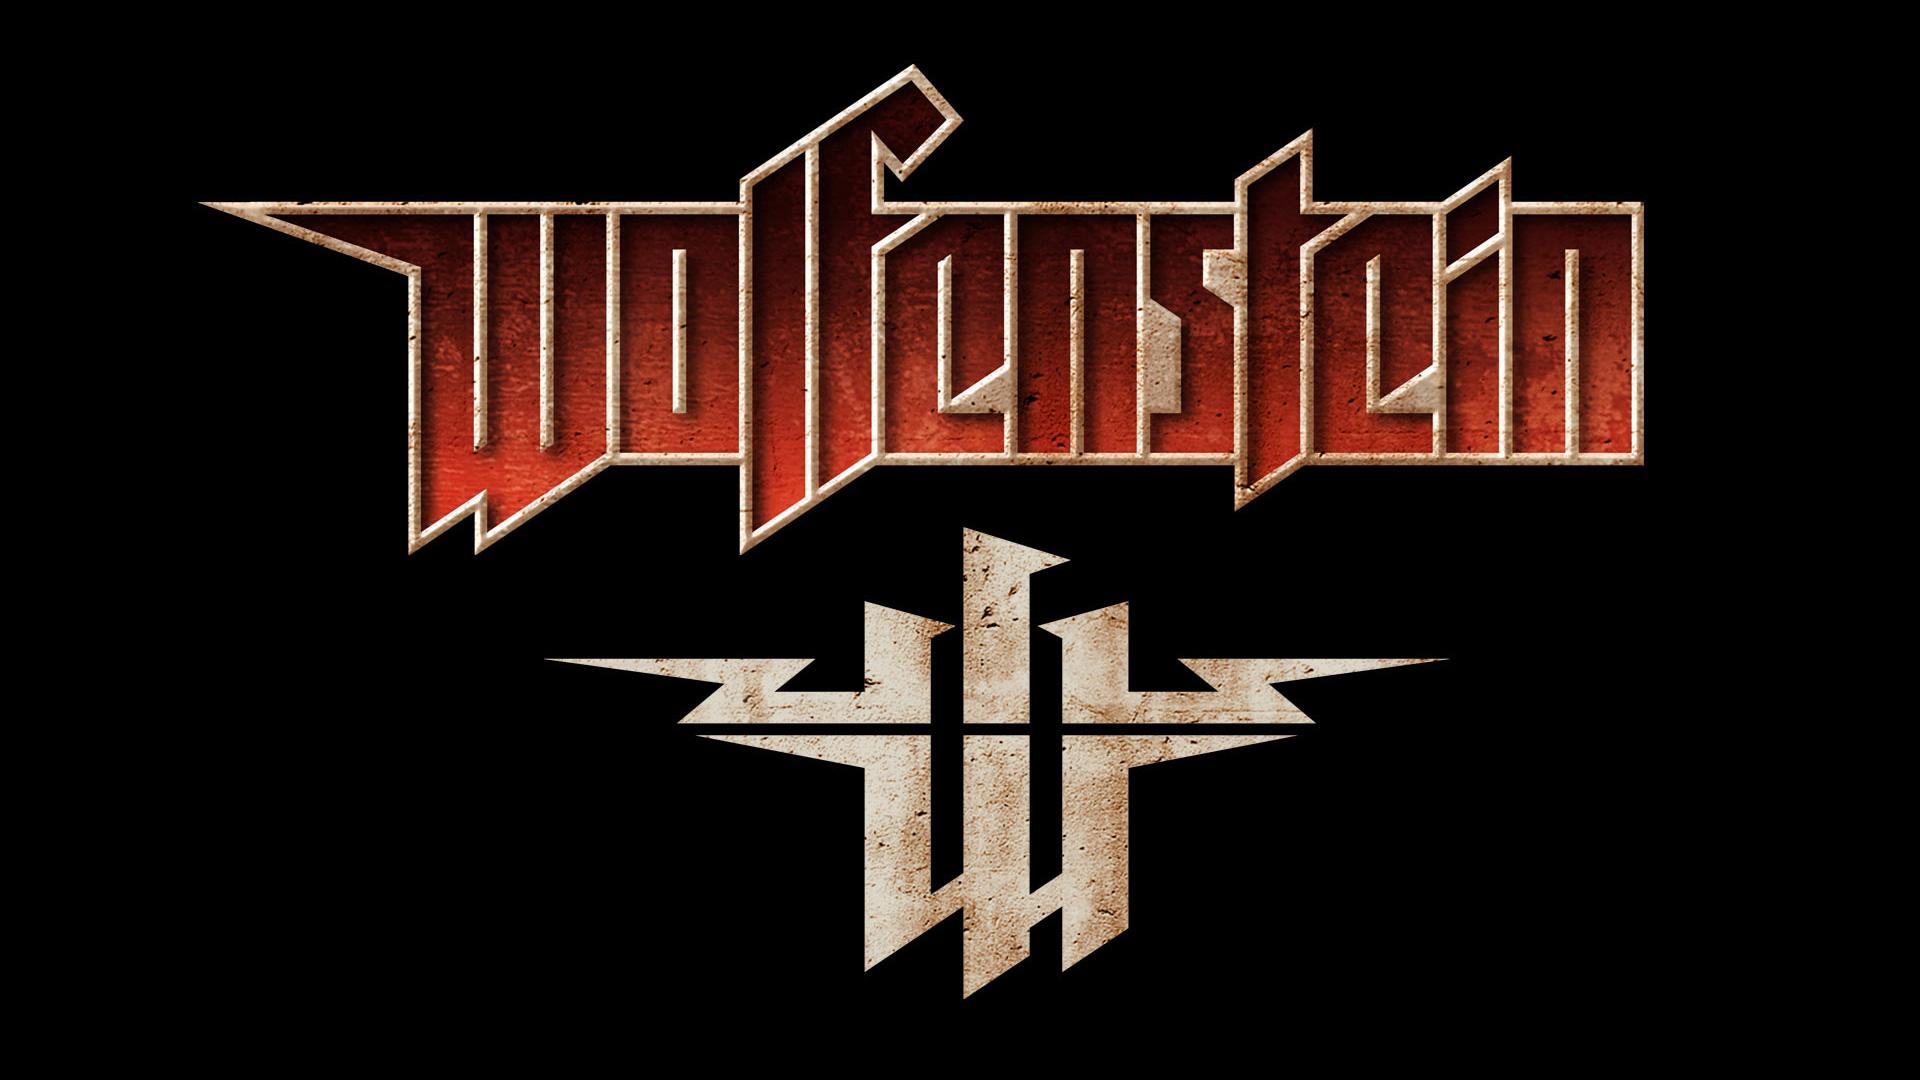 Wolfenstein Wallpaper in 1920x1080